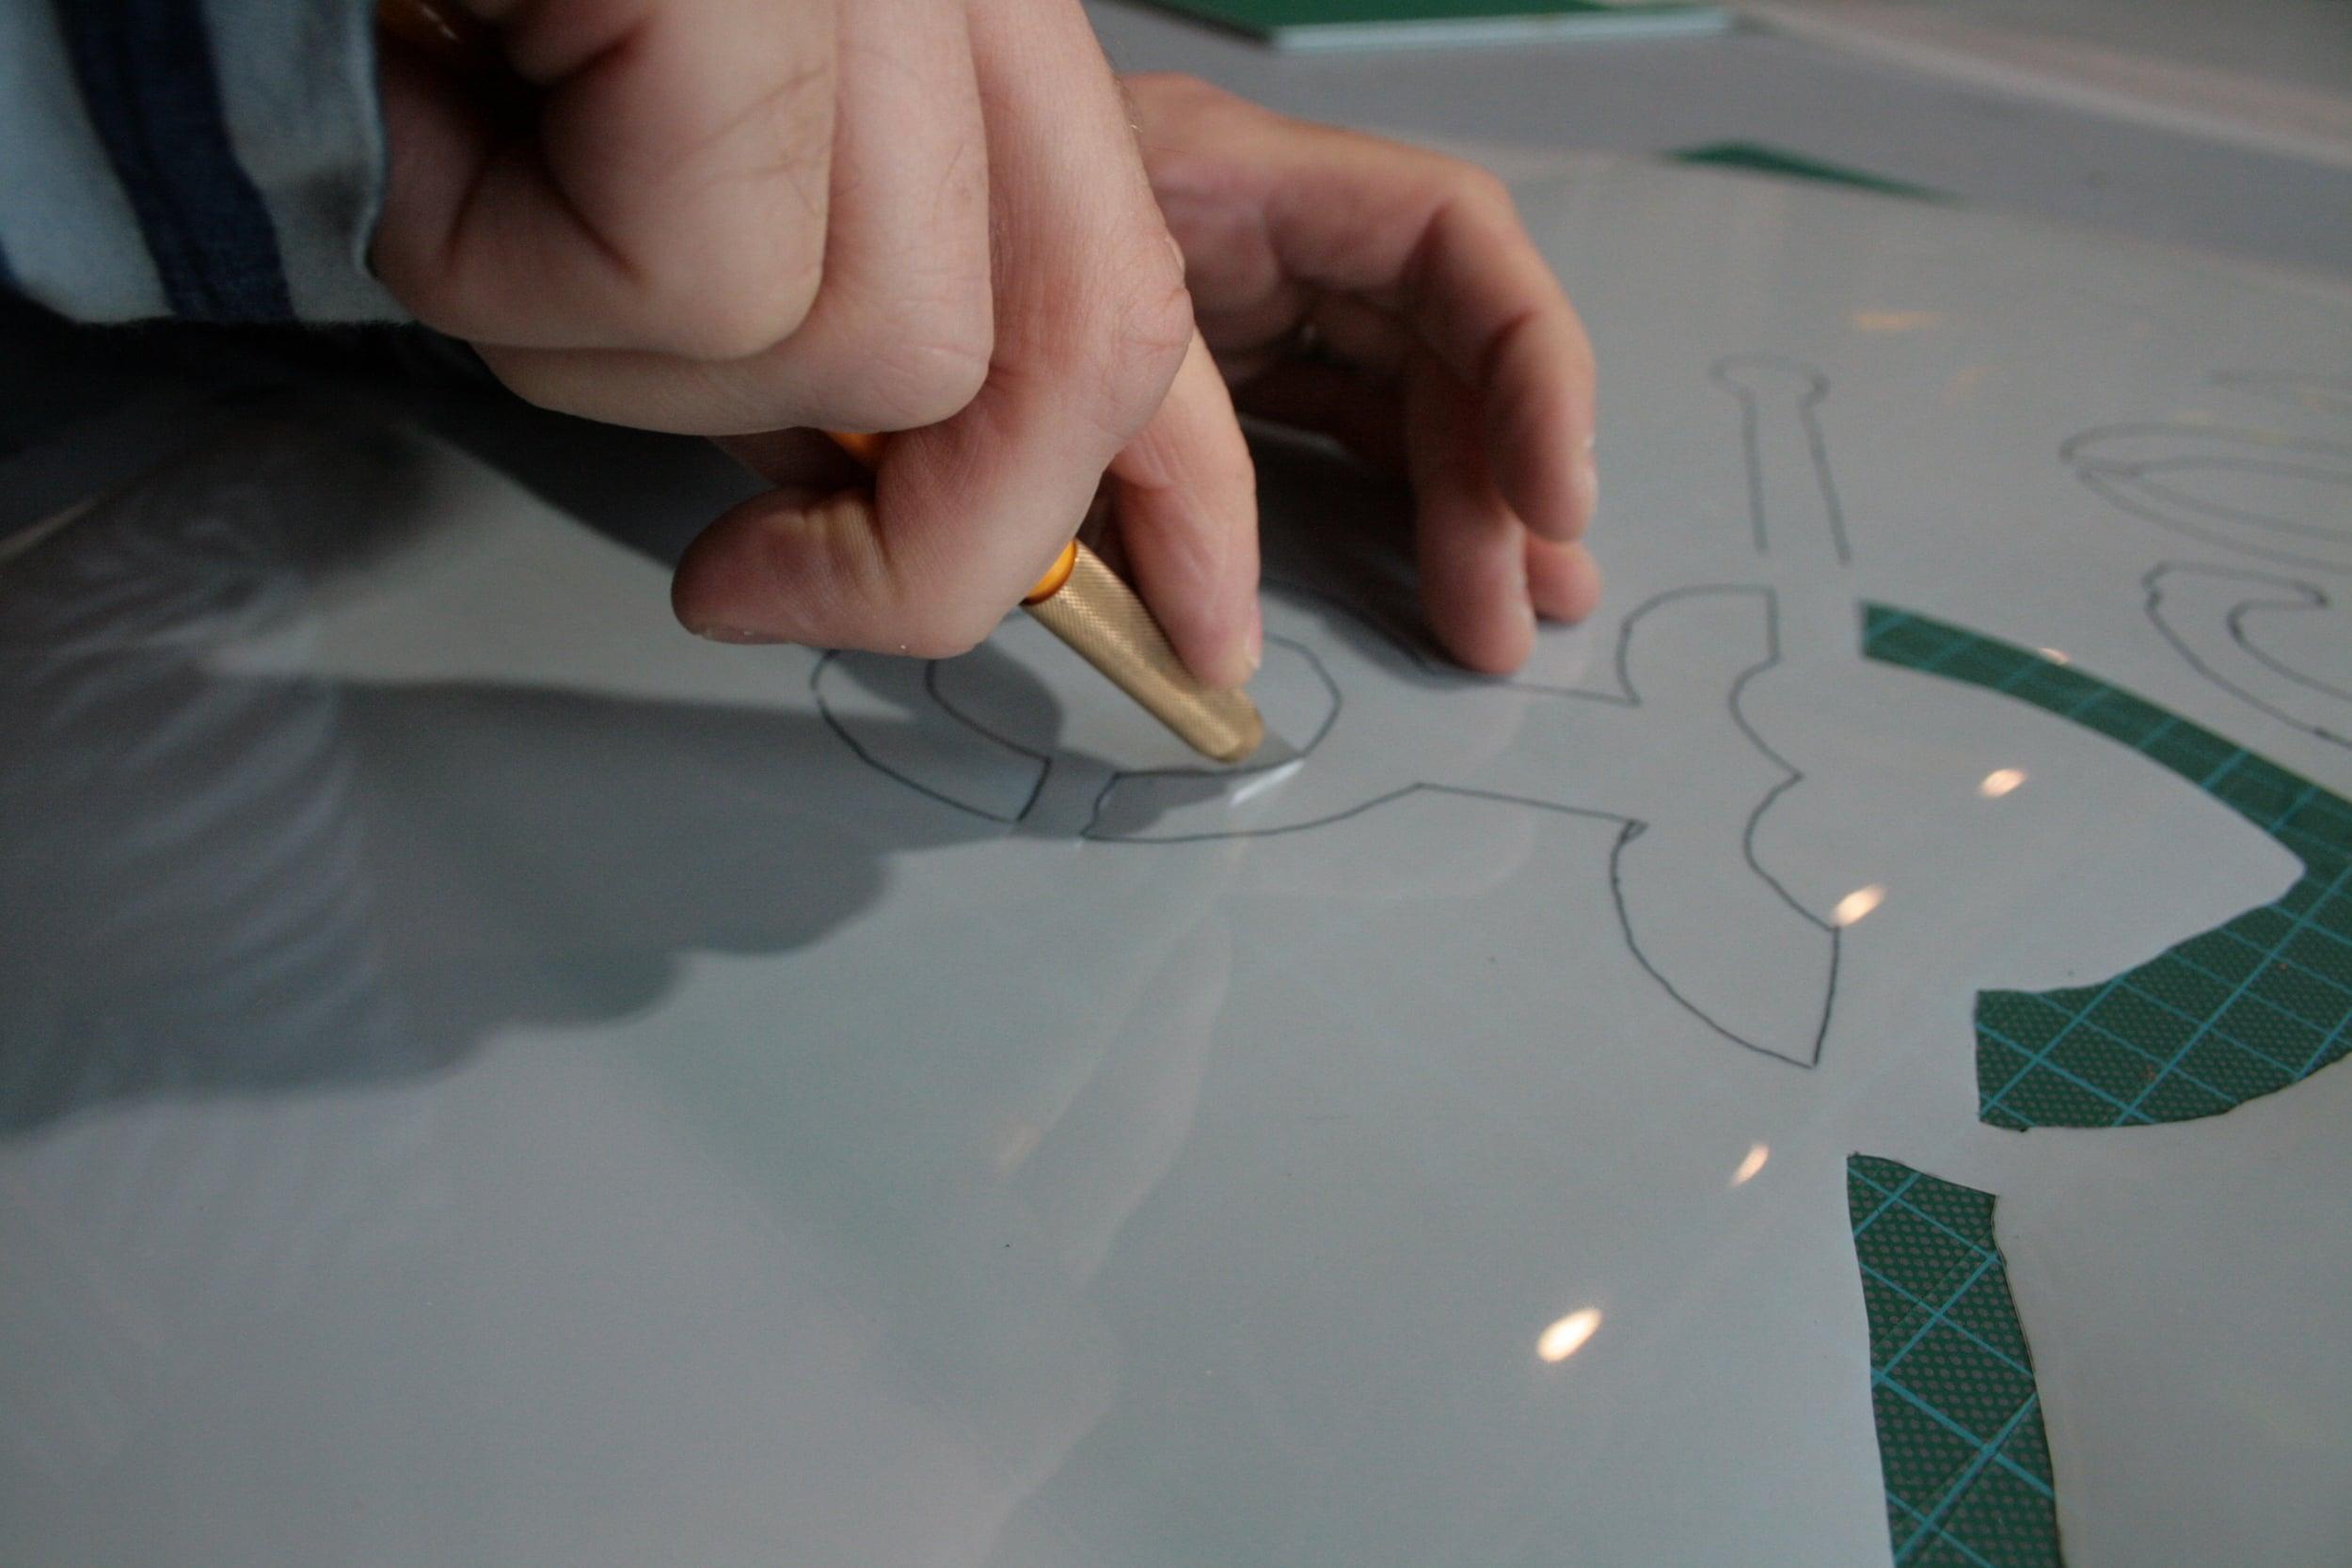 Als nächstes schneidet ihr mit dem Cuttermesser alle schwarzen Flächen aus.